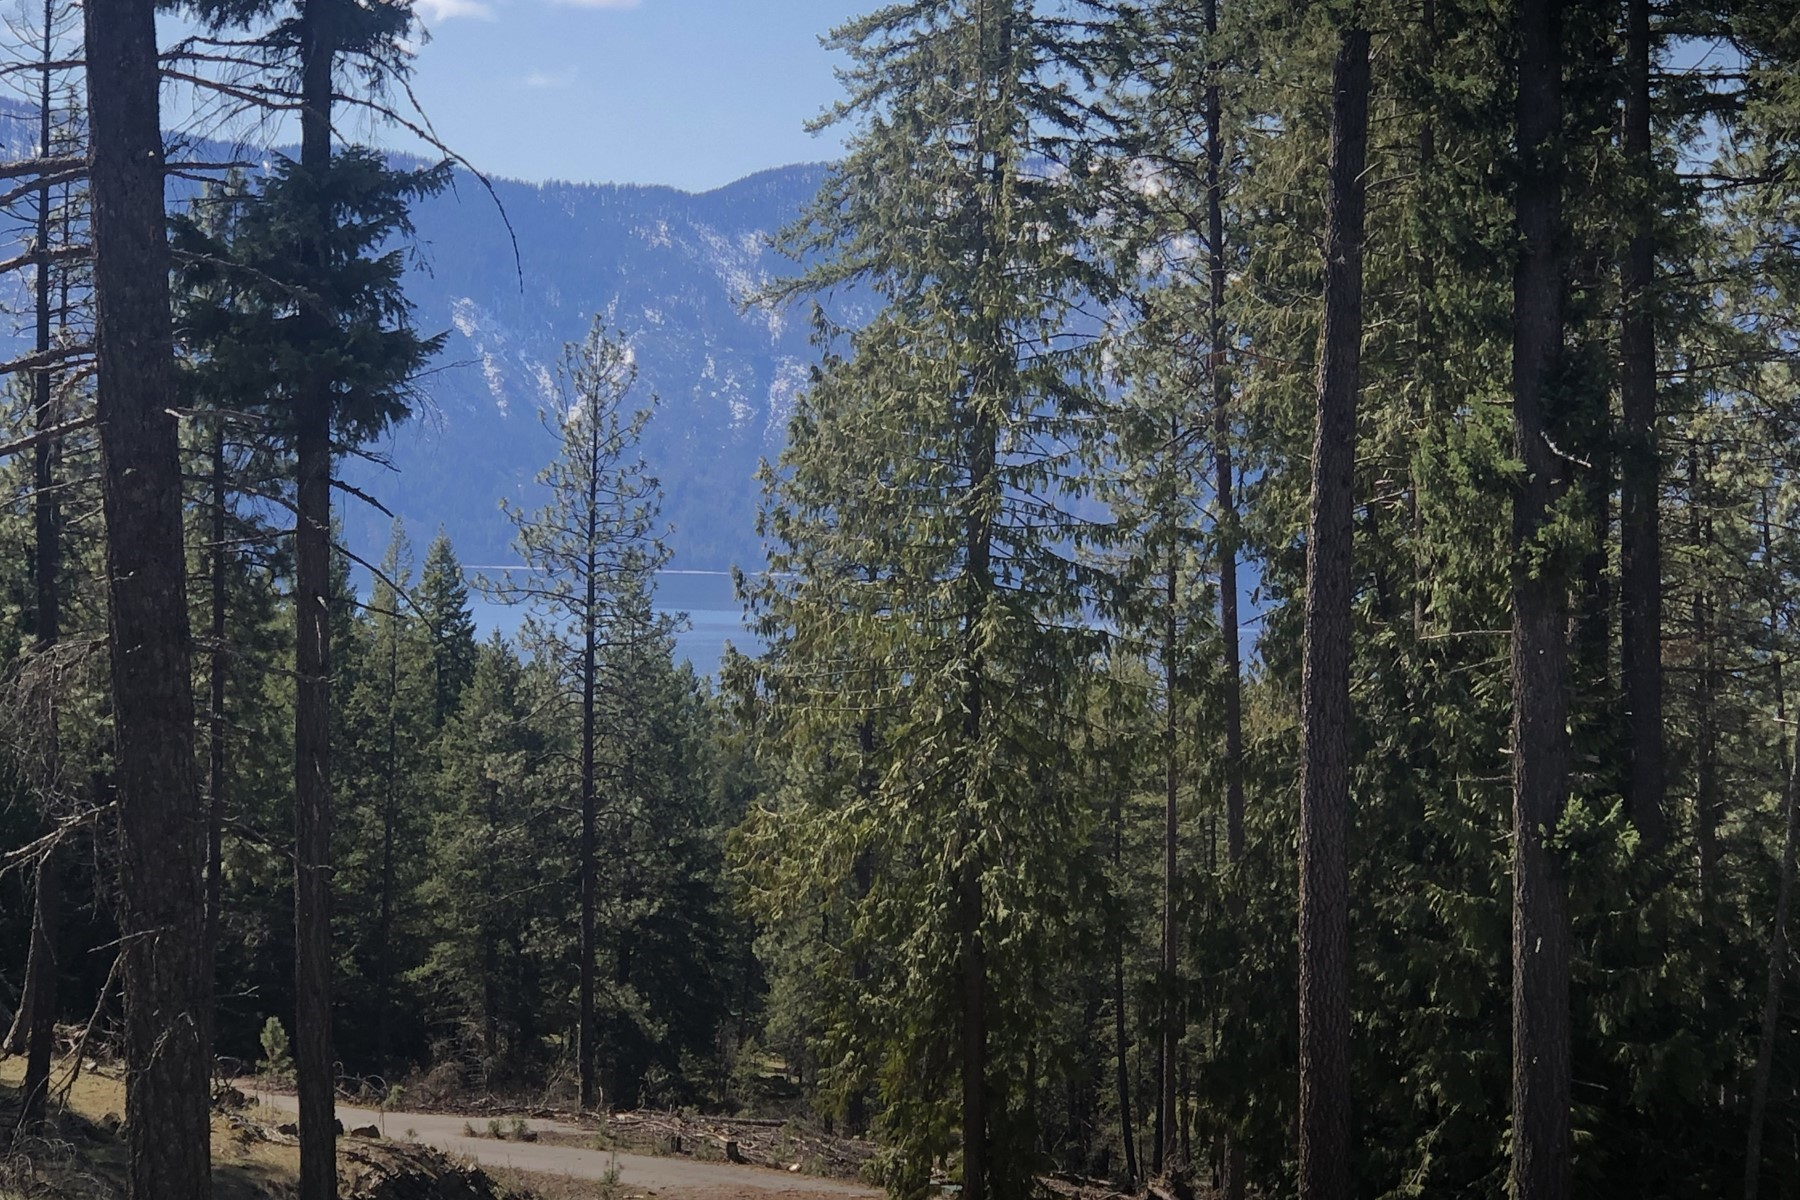 Terreno por un Venta en Waterview Lot in Antler Point Estates B2 L5 Alyssa Court Hope, Idaho 83836 Estados Unidos